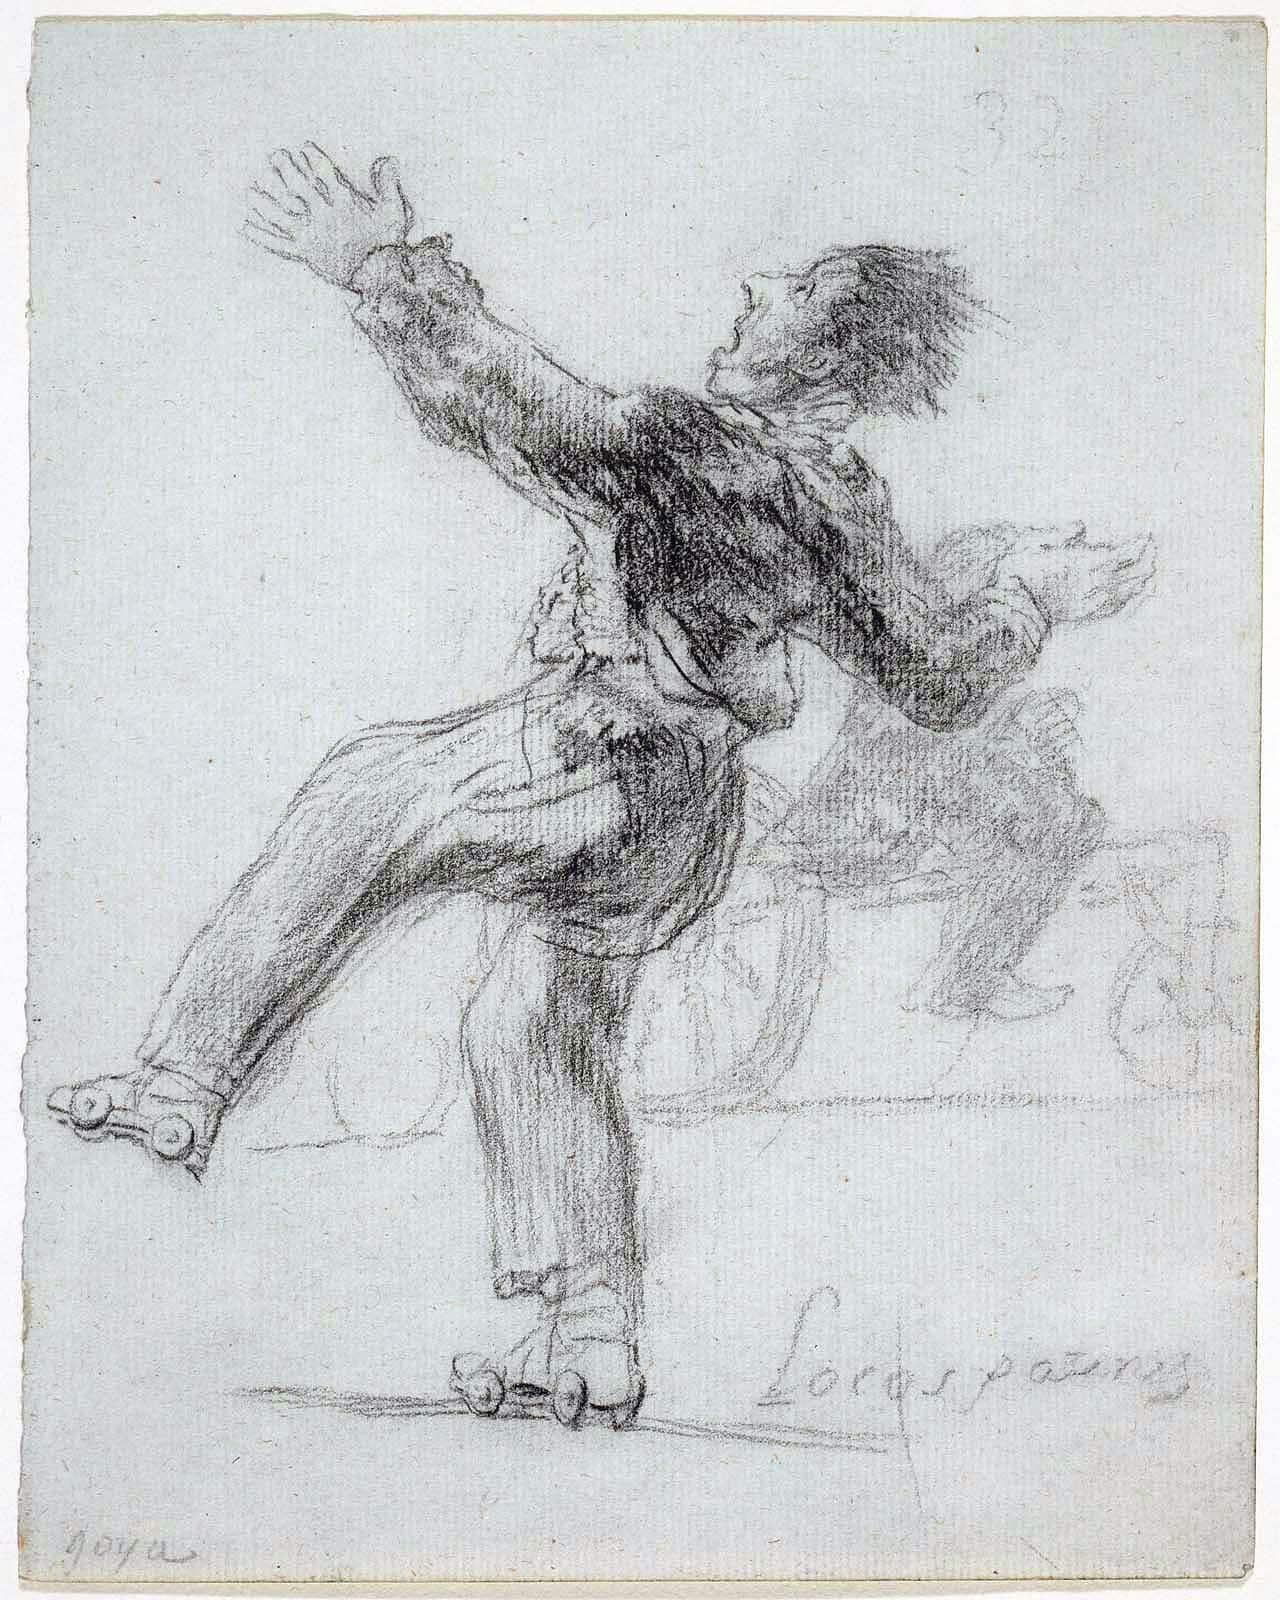 Locos Patines de Francisco de Goya